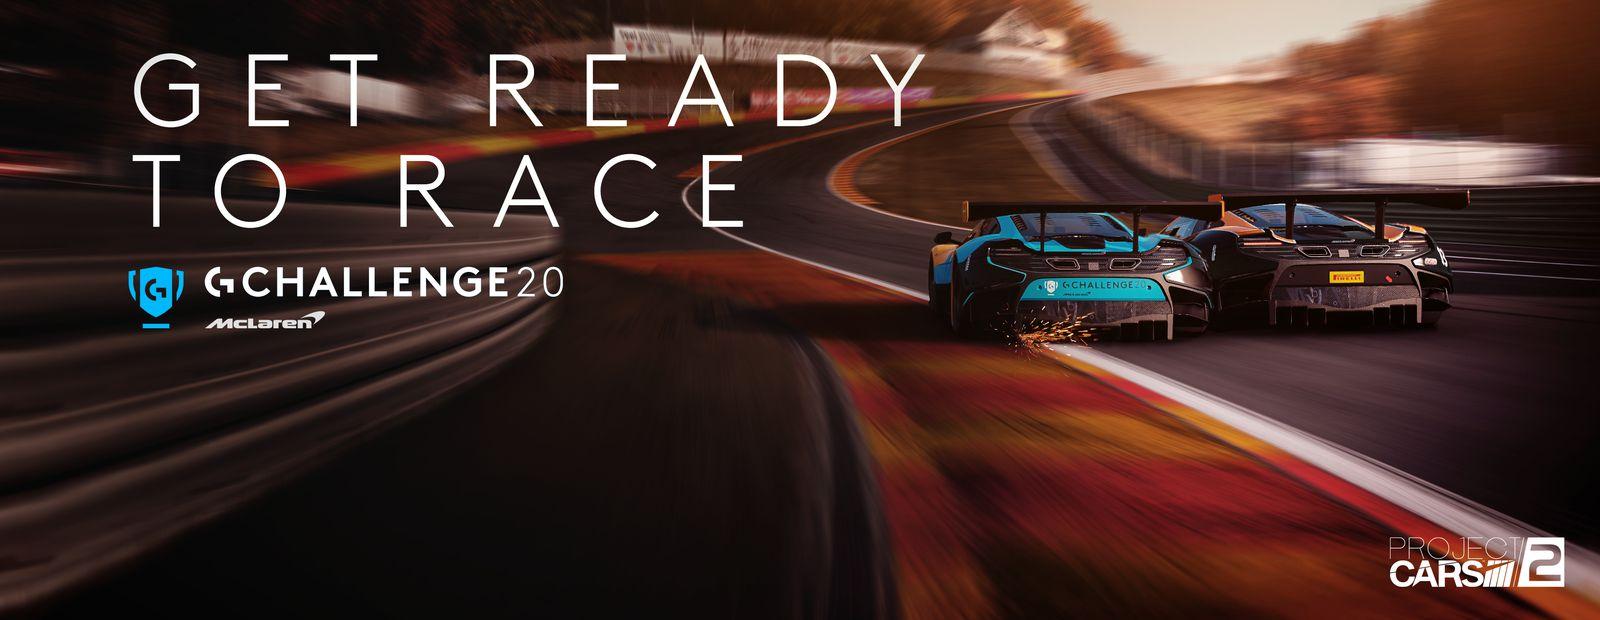 Logitech G and McLaren announce Logitech McLaren G Challenge 2020